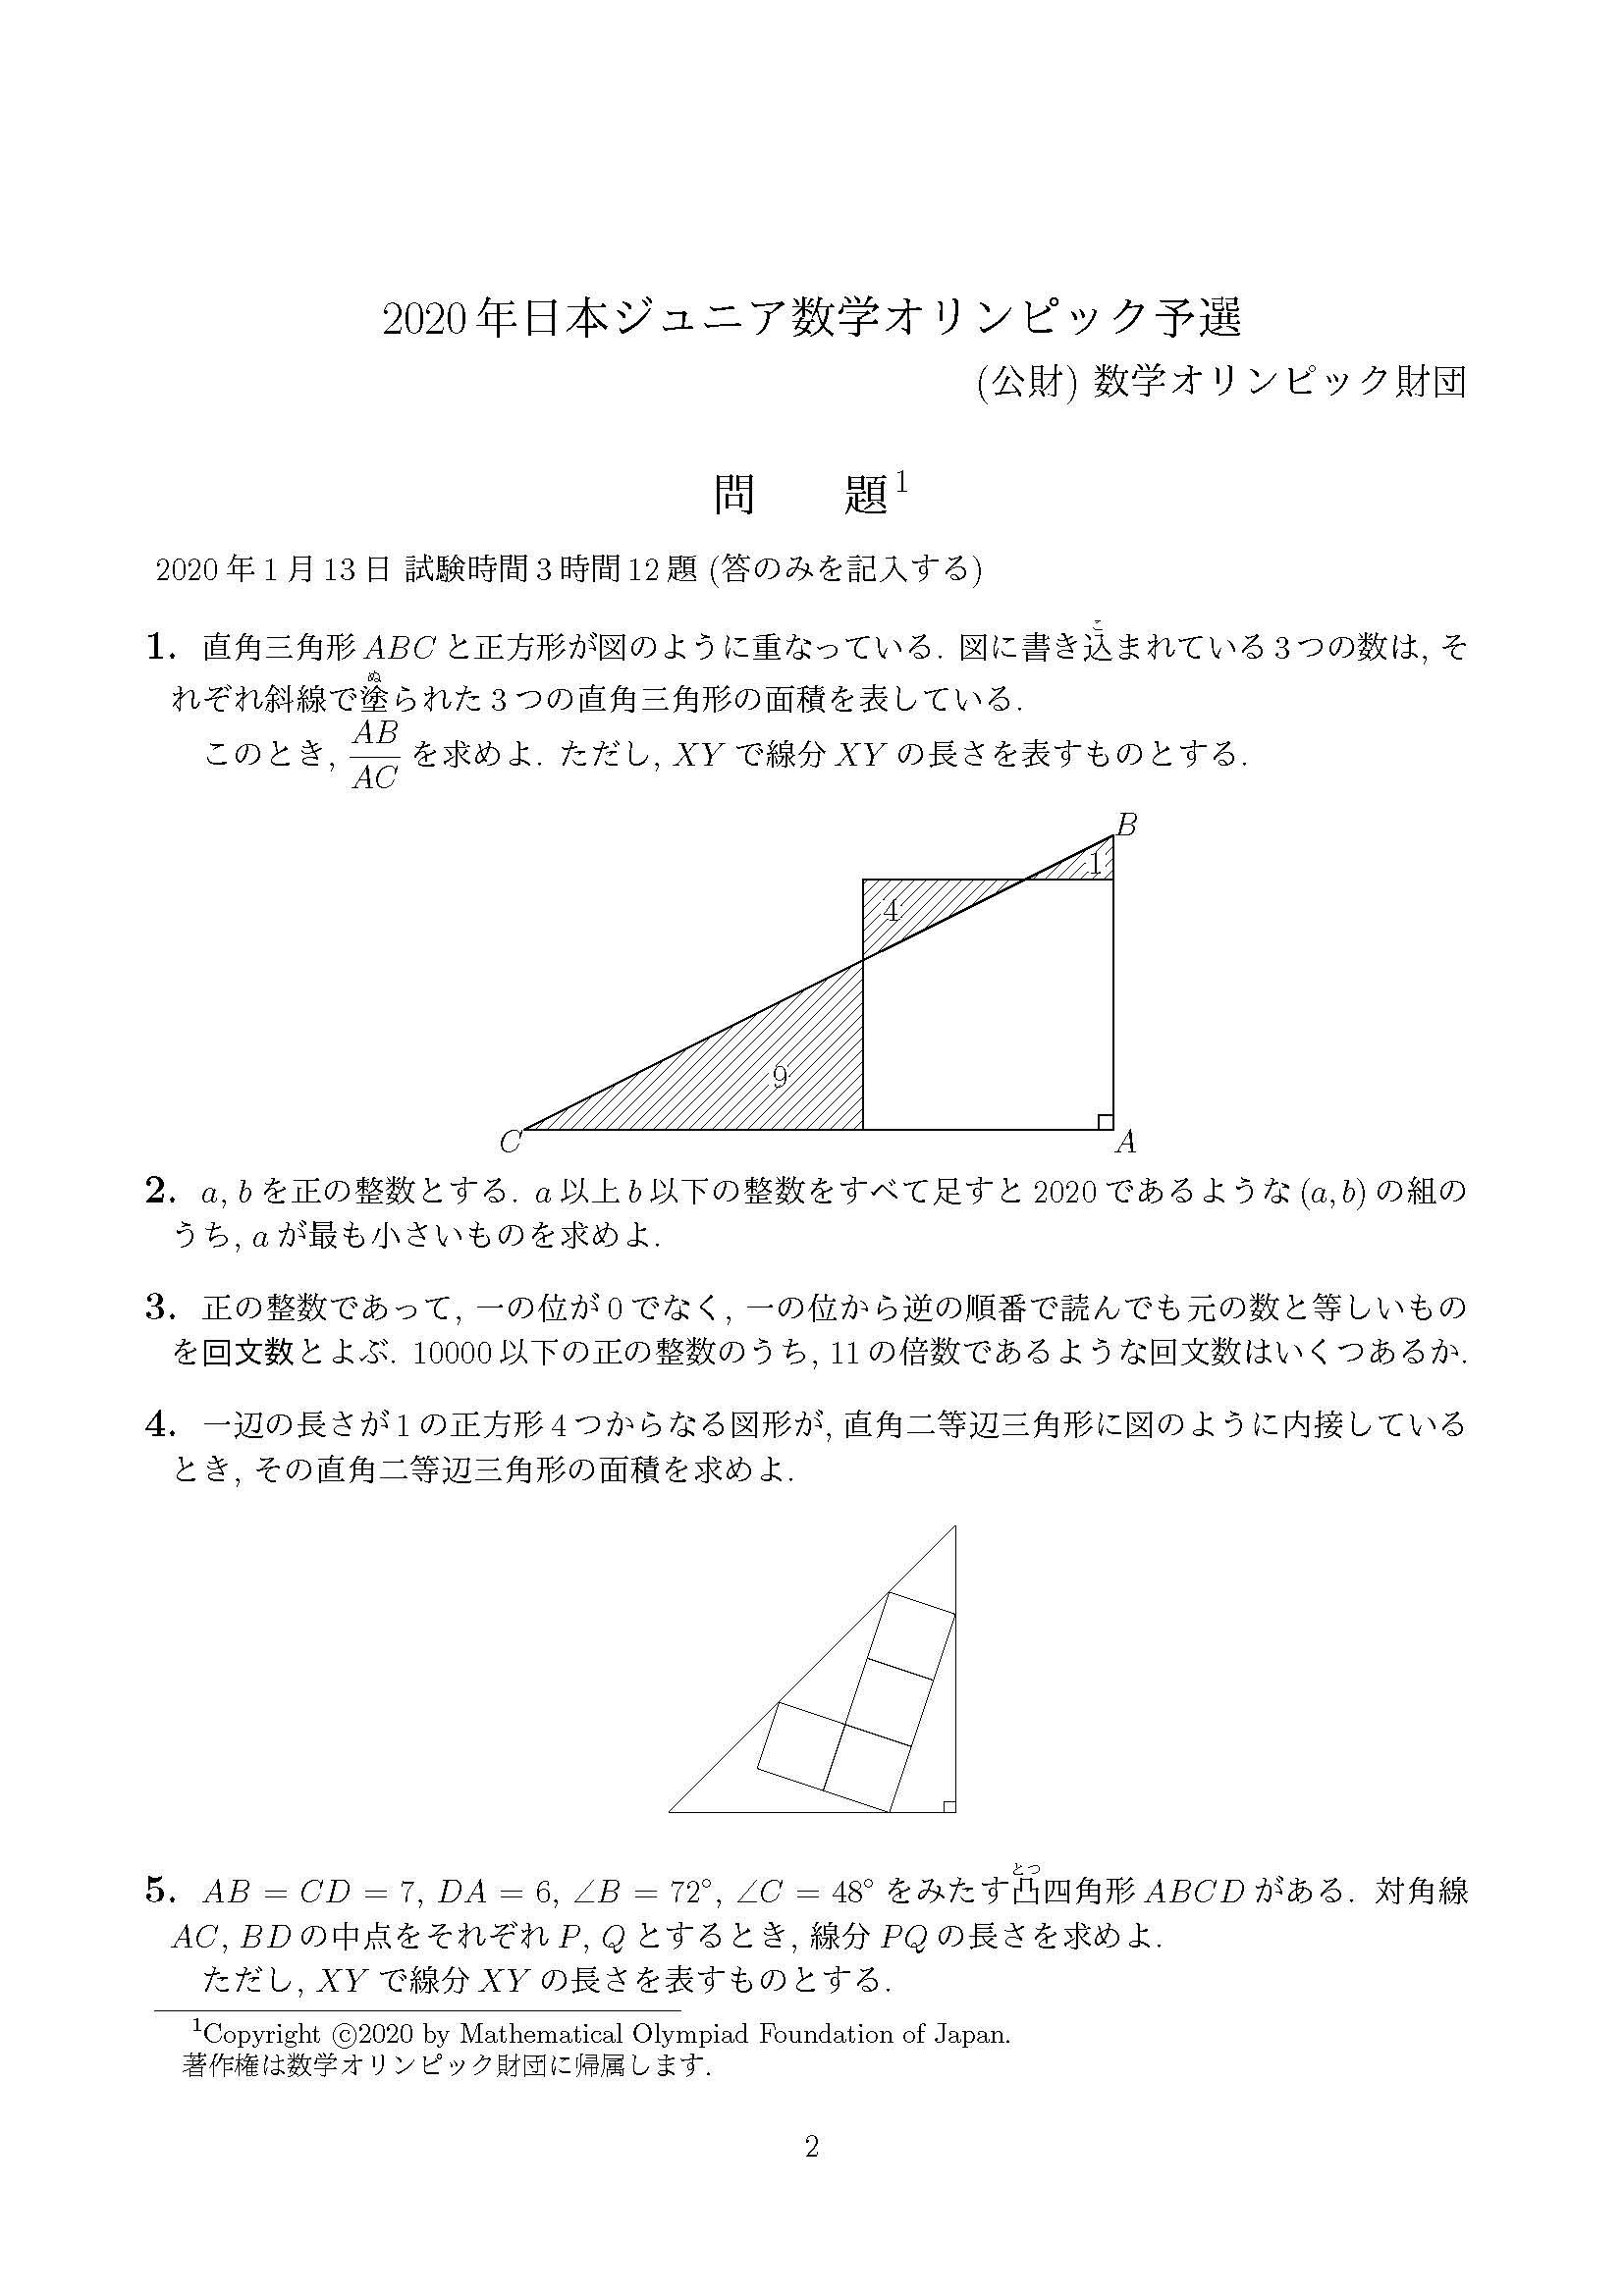 オリンピック 日本 数学